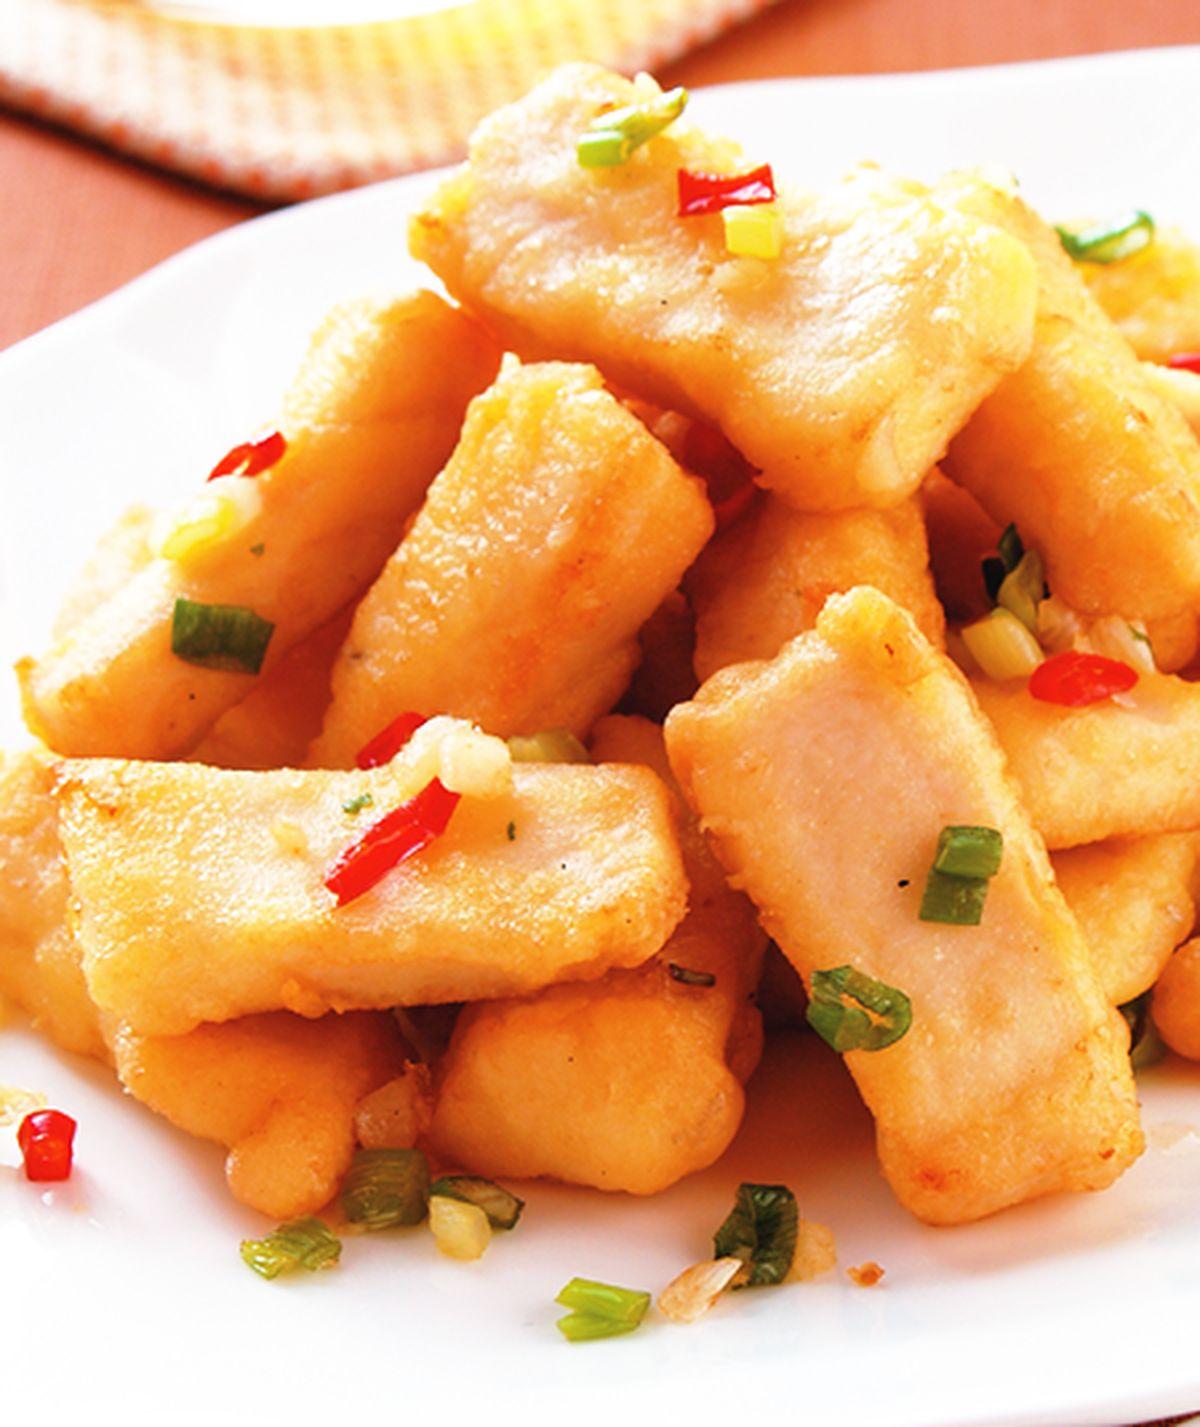 食譜:椒鹽魚片